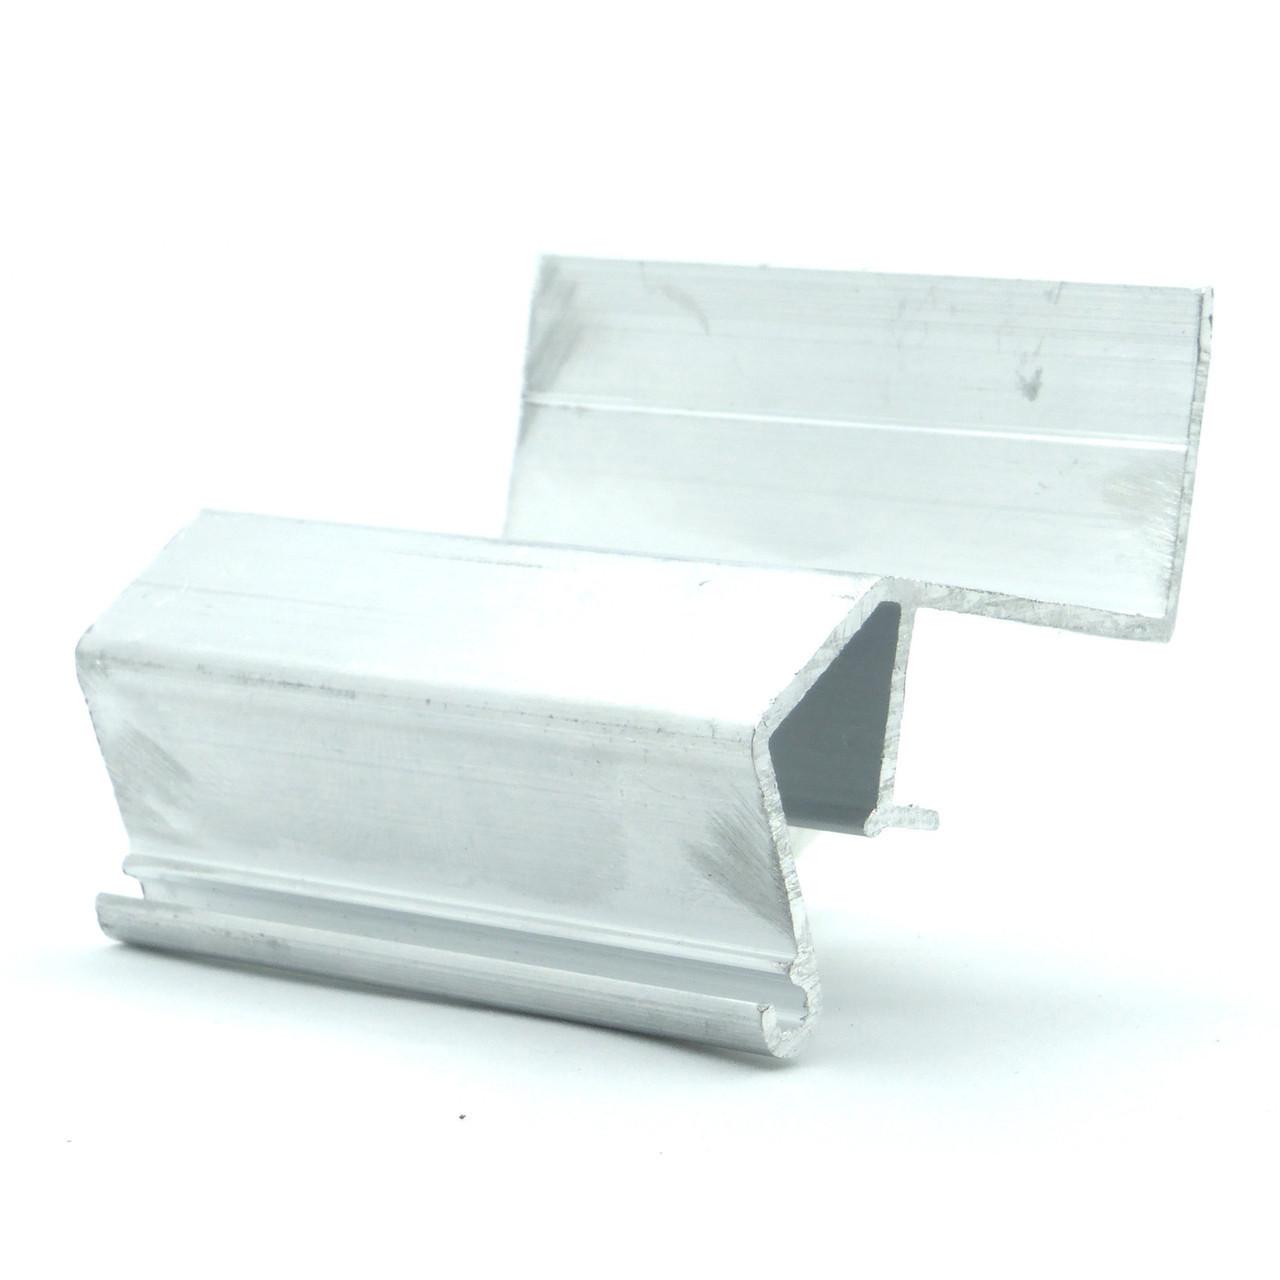 Профиль алюминиевый - парящий, усиленный, без вставки, не крашеный №3. Длина профиля 2,5 м.